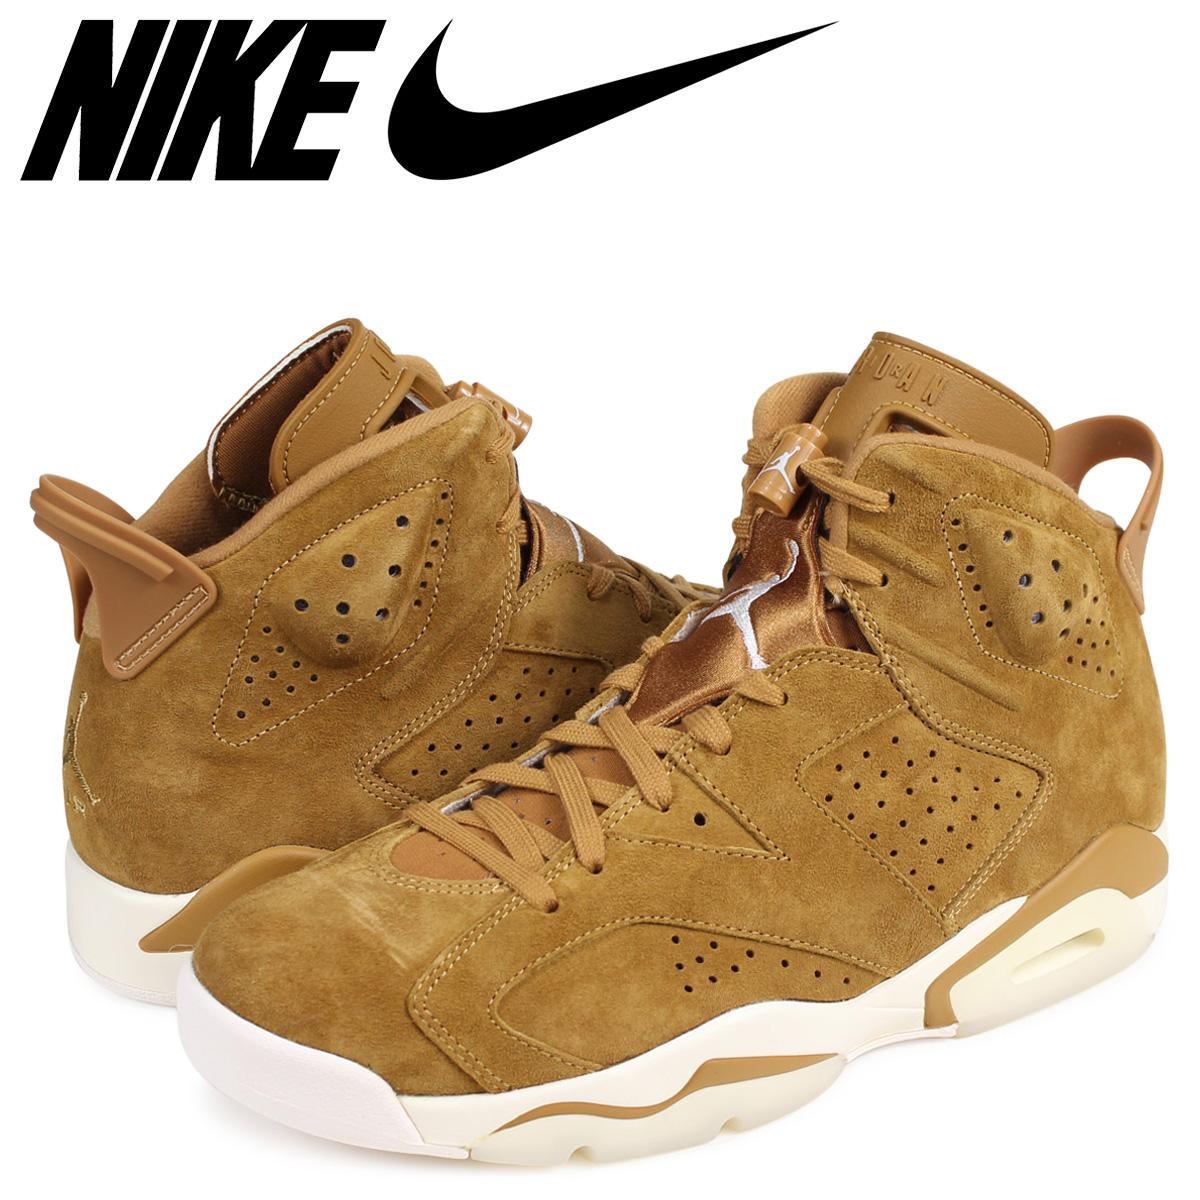 best website b5bf9 f0ab3 NIKE AIR JORDAN 6 RETRO WHEAT Nike Air Jordan 6 nostalgic sneakers  384,664-705 men's brown